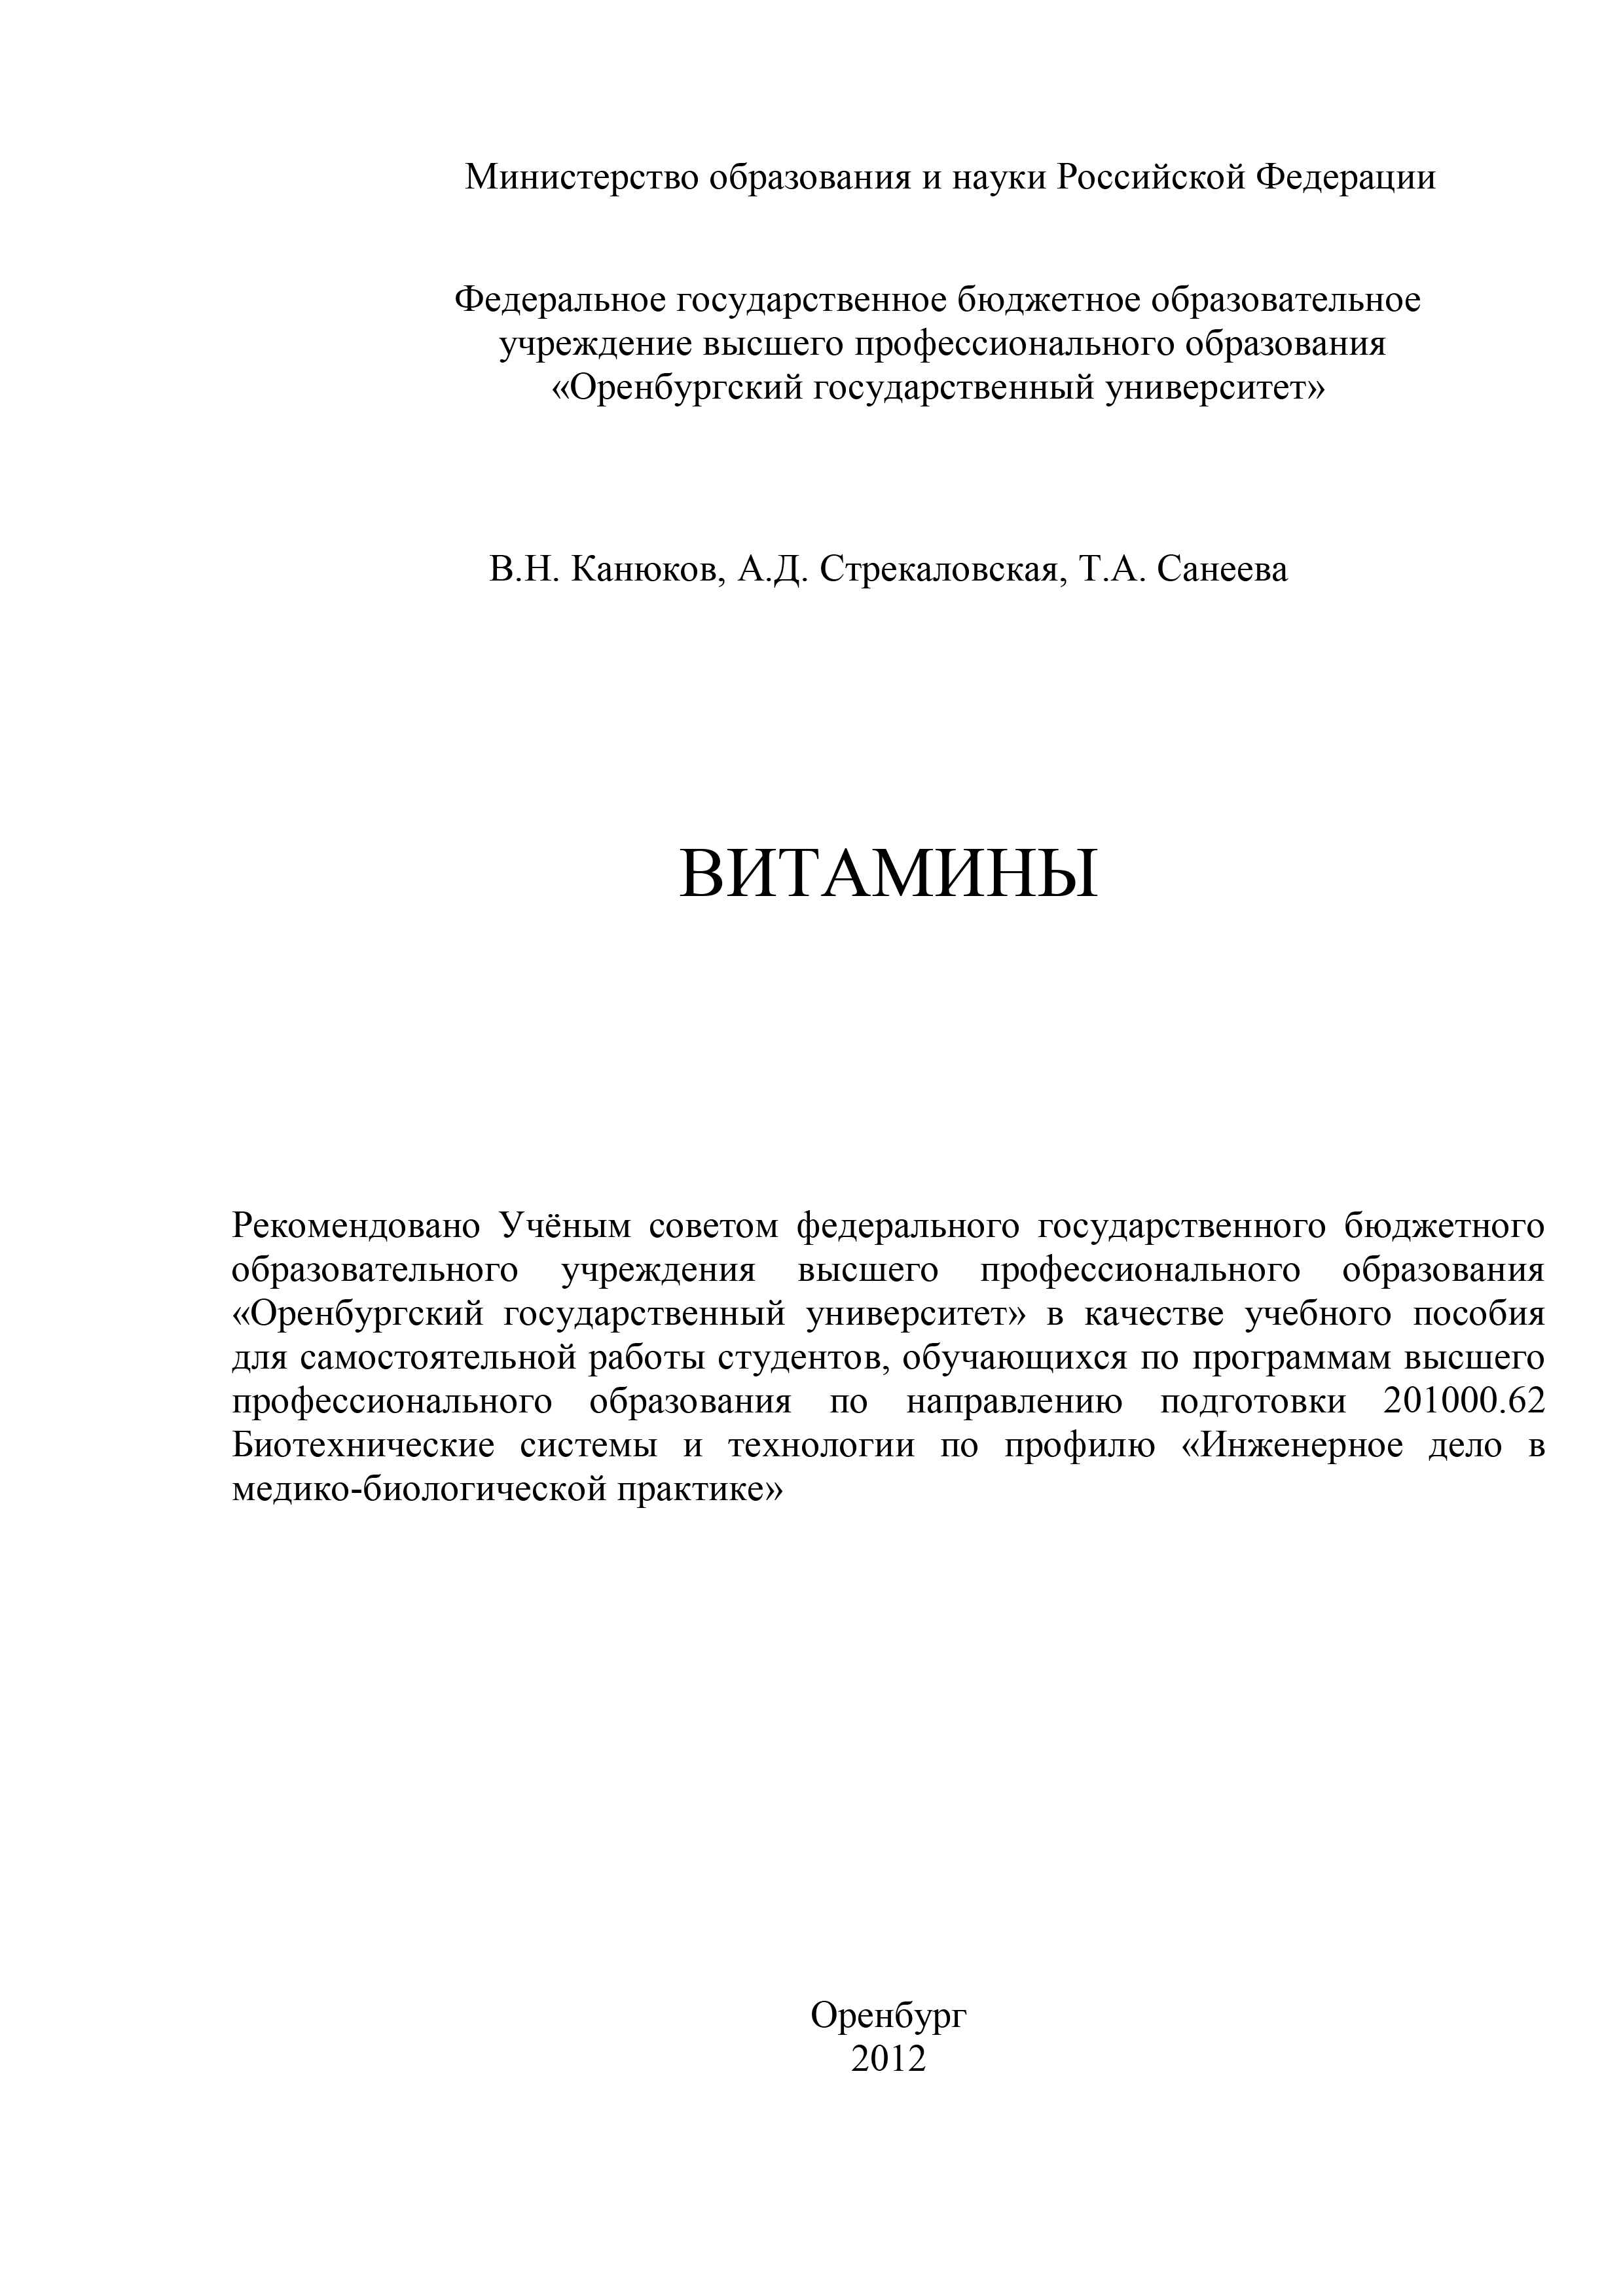 В. Н. Канюков Витамины карелин а правильное питание при недостатке витаминов